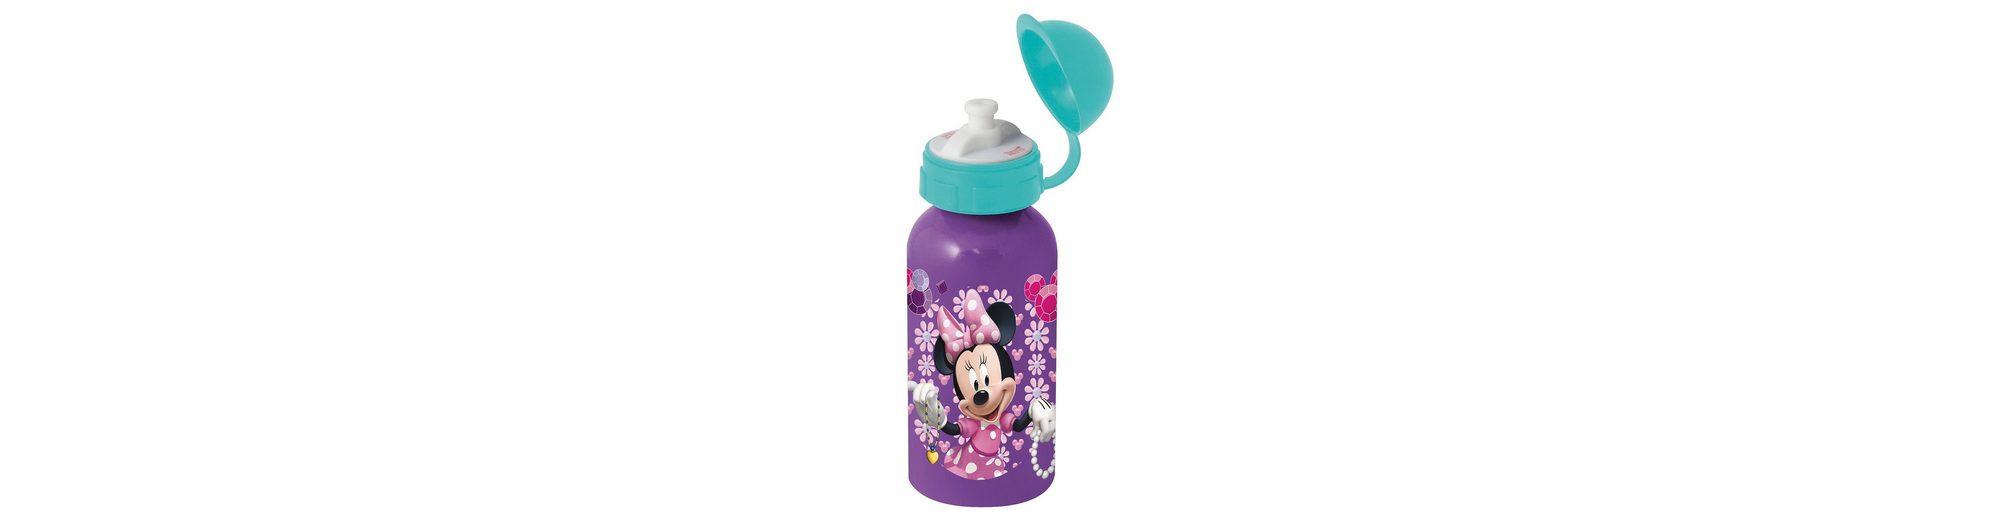 BABY-WALZ Alu-Trinkflasche